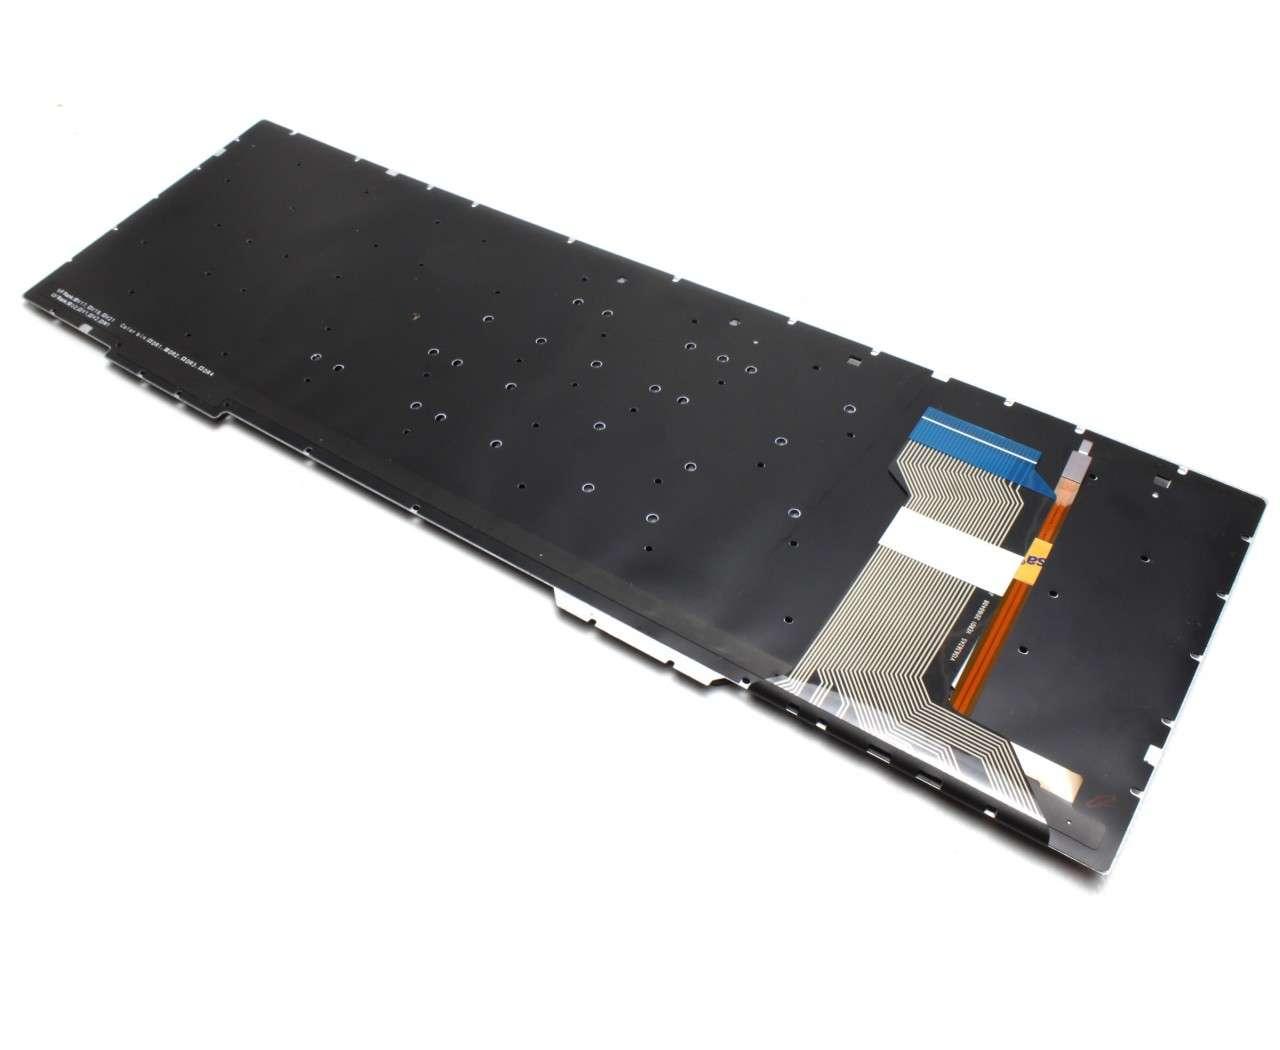 Tastatura Asus ZX73 iluminata layout US fara rama enter mic imagine powerlaptop.ro 2021